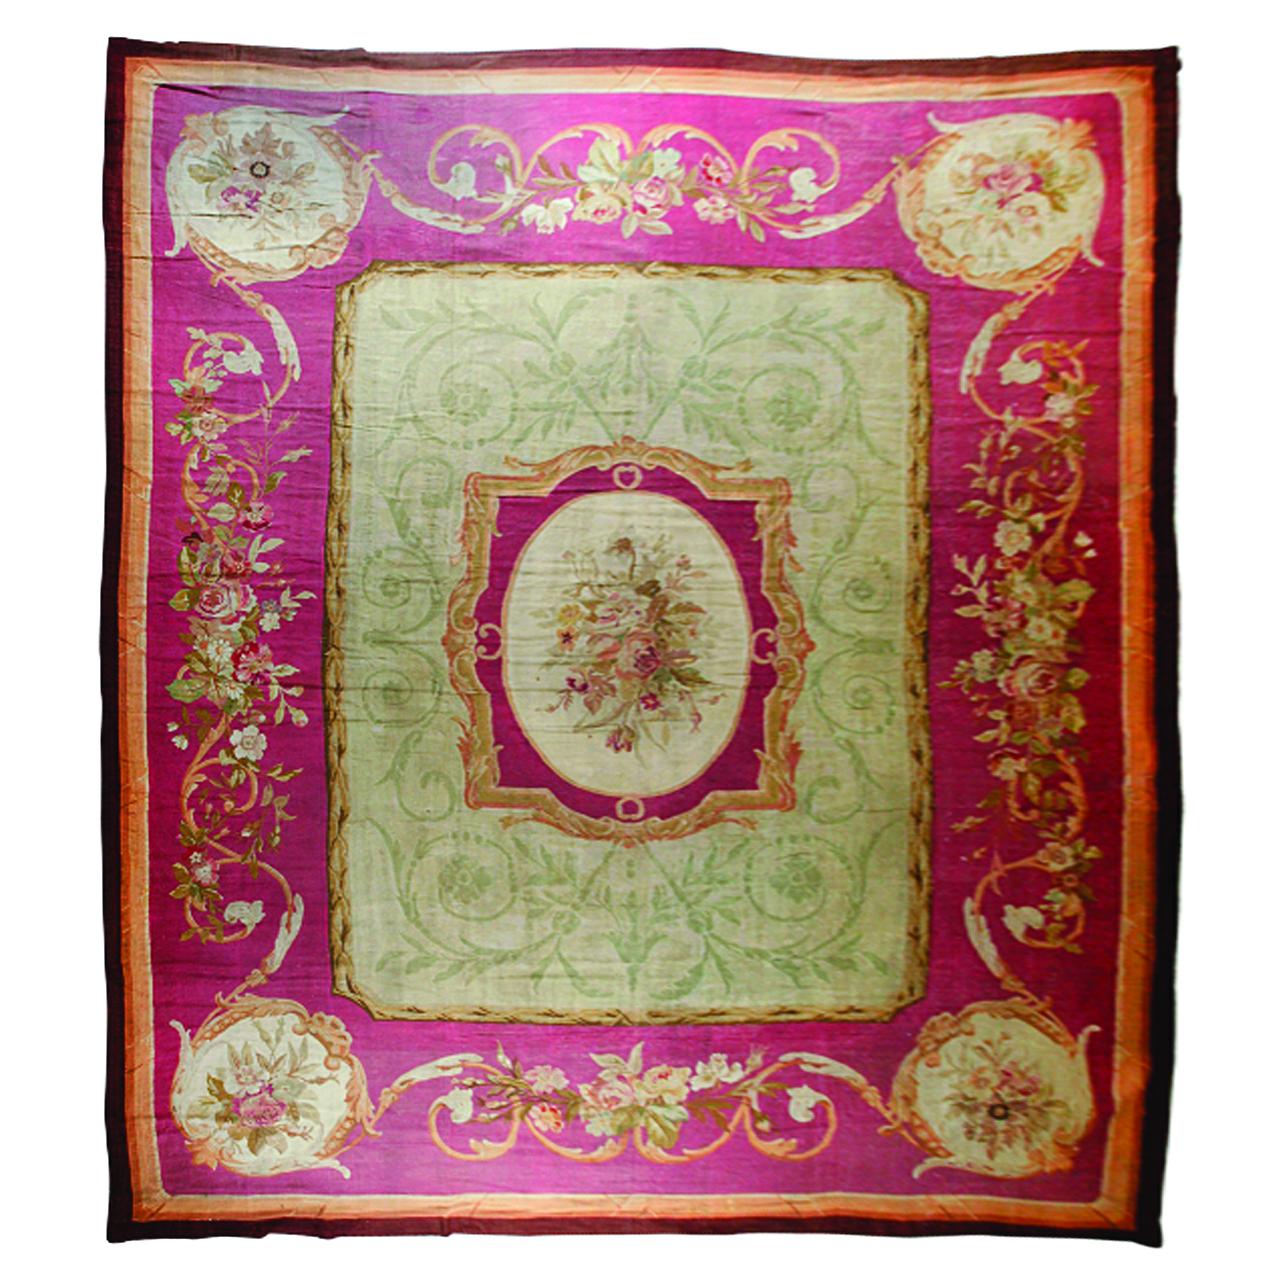 London Antique Rug Textile Art Fair: The Decorative Antiques & Textiles Winter Fair, 21-26